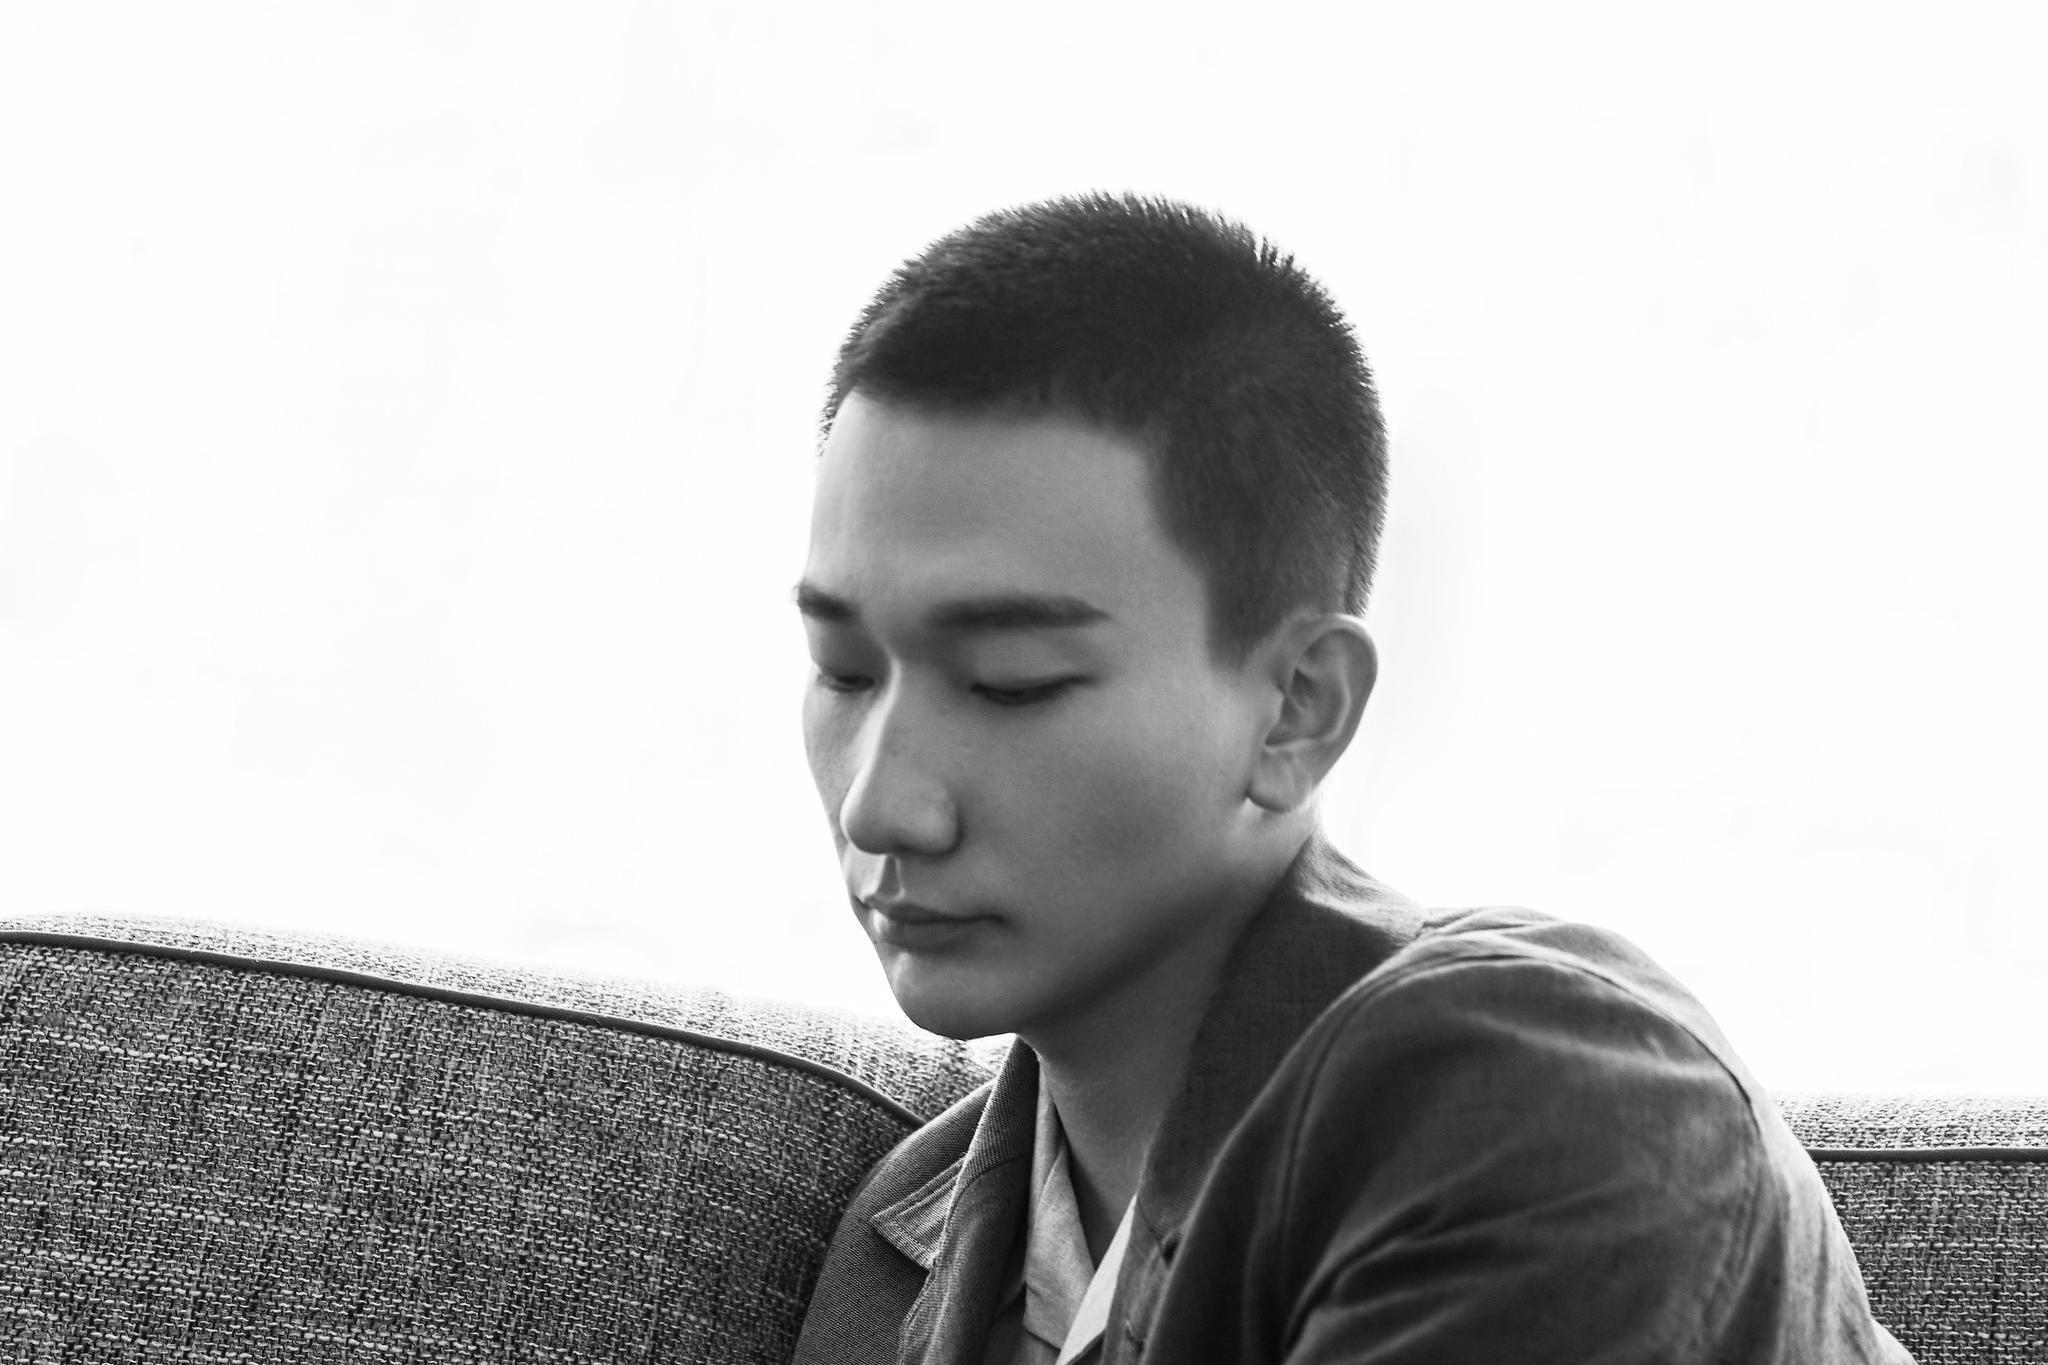 吴昊宸出席耀客传媒年度发布会 寸头造型尽显《浴火》硬汉形象